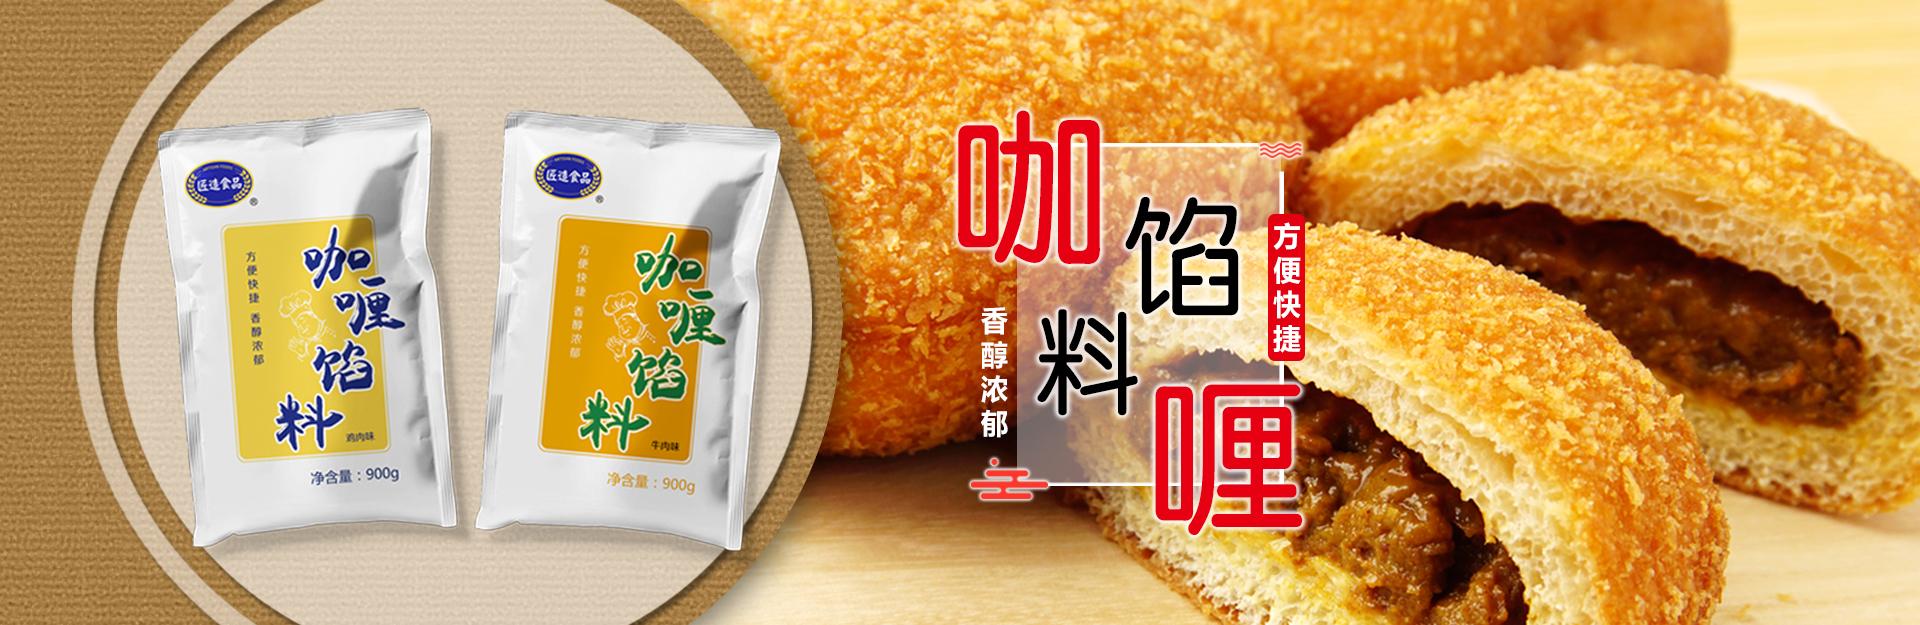 日式咖喱,速食咖喱,咖喱块